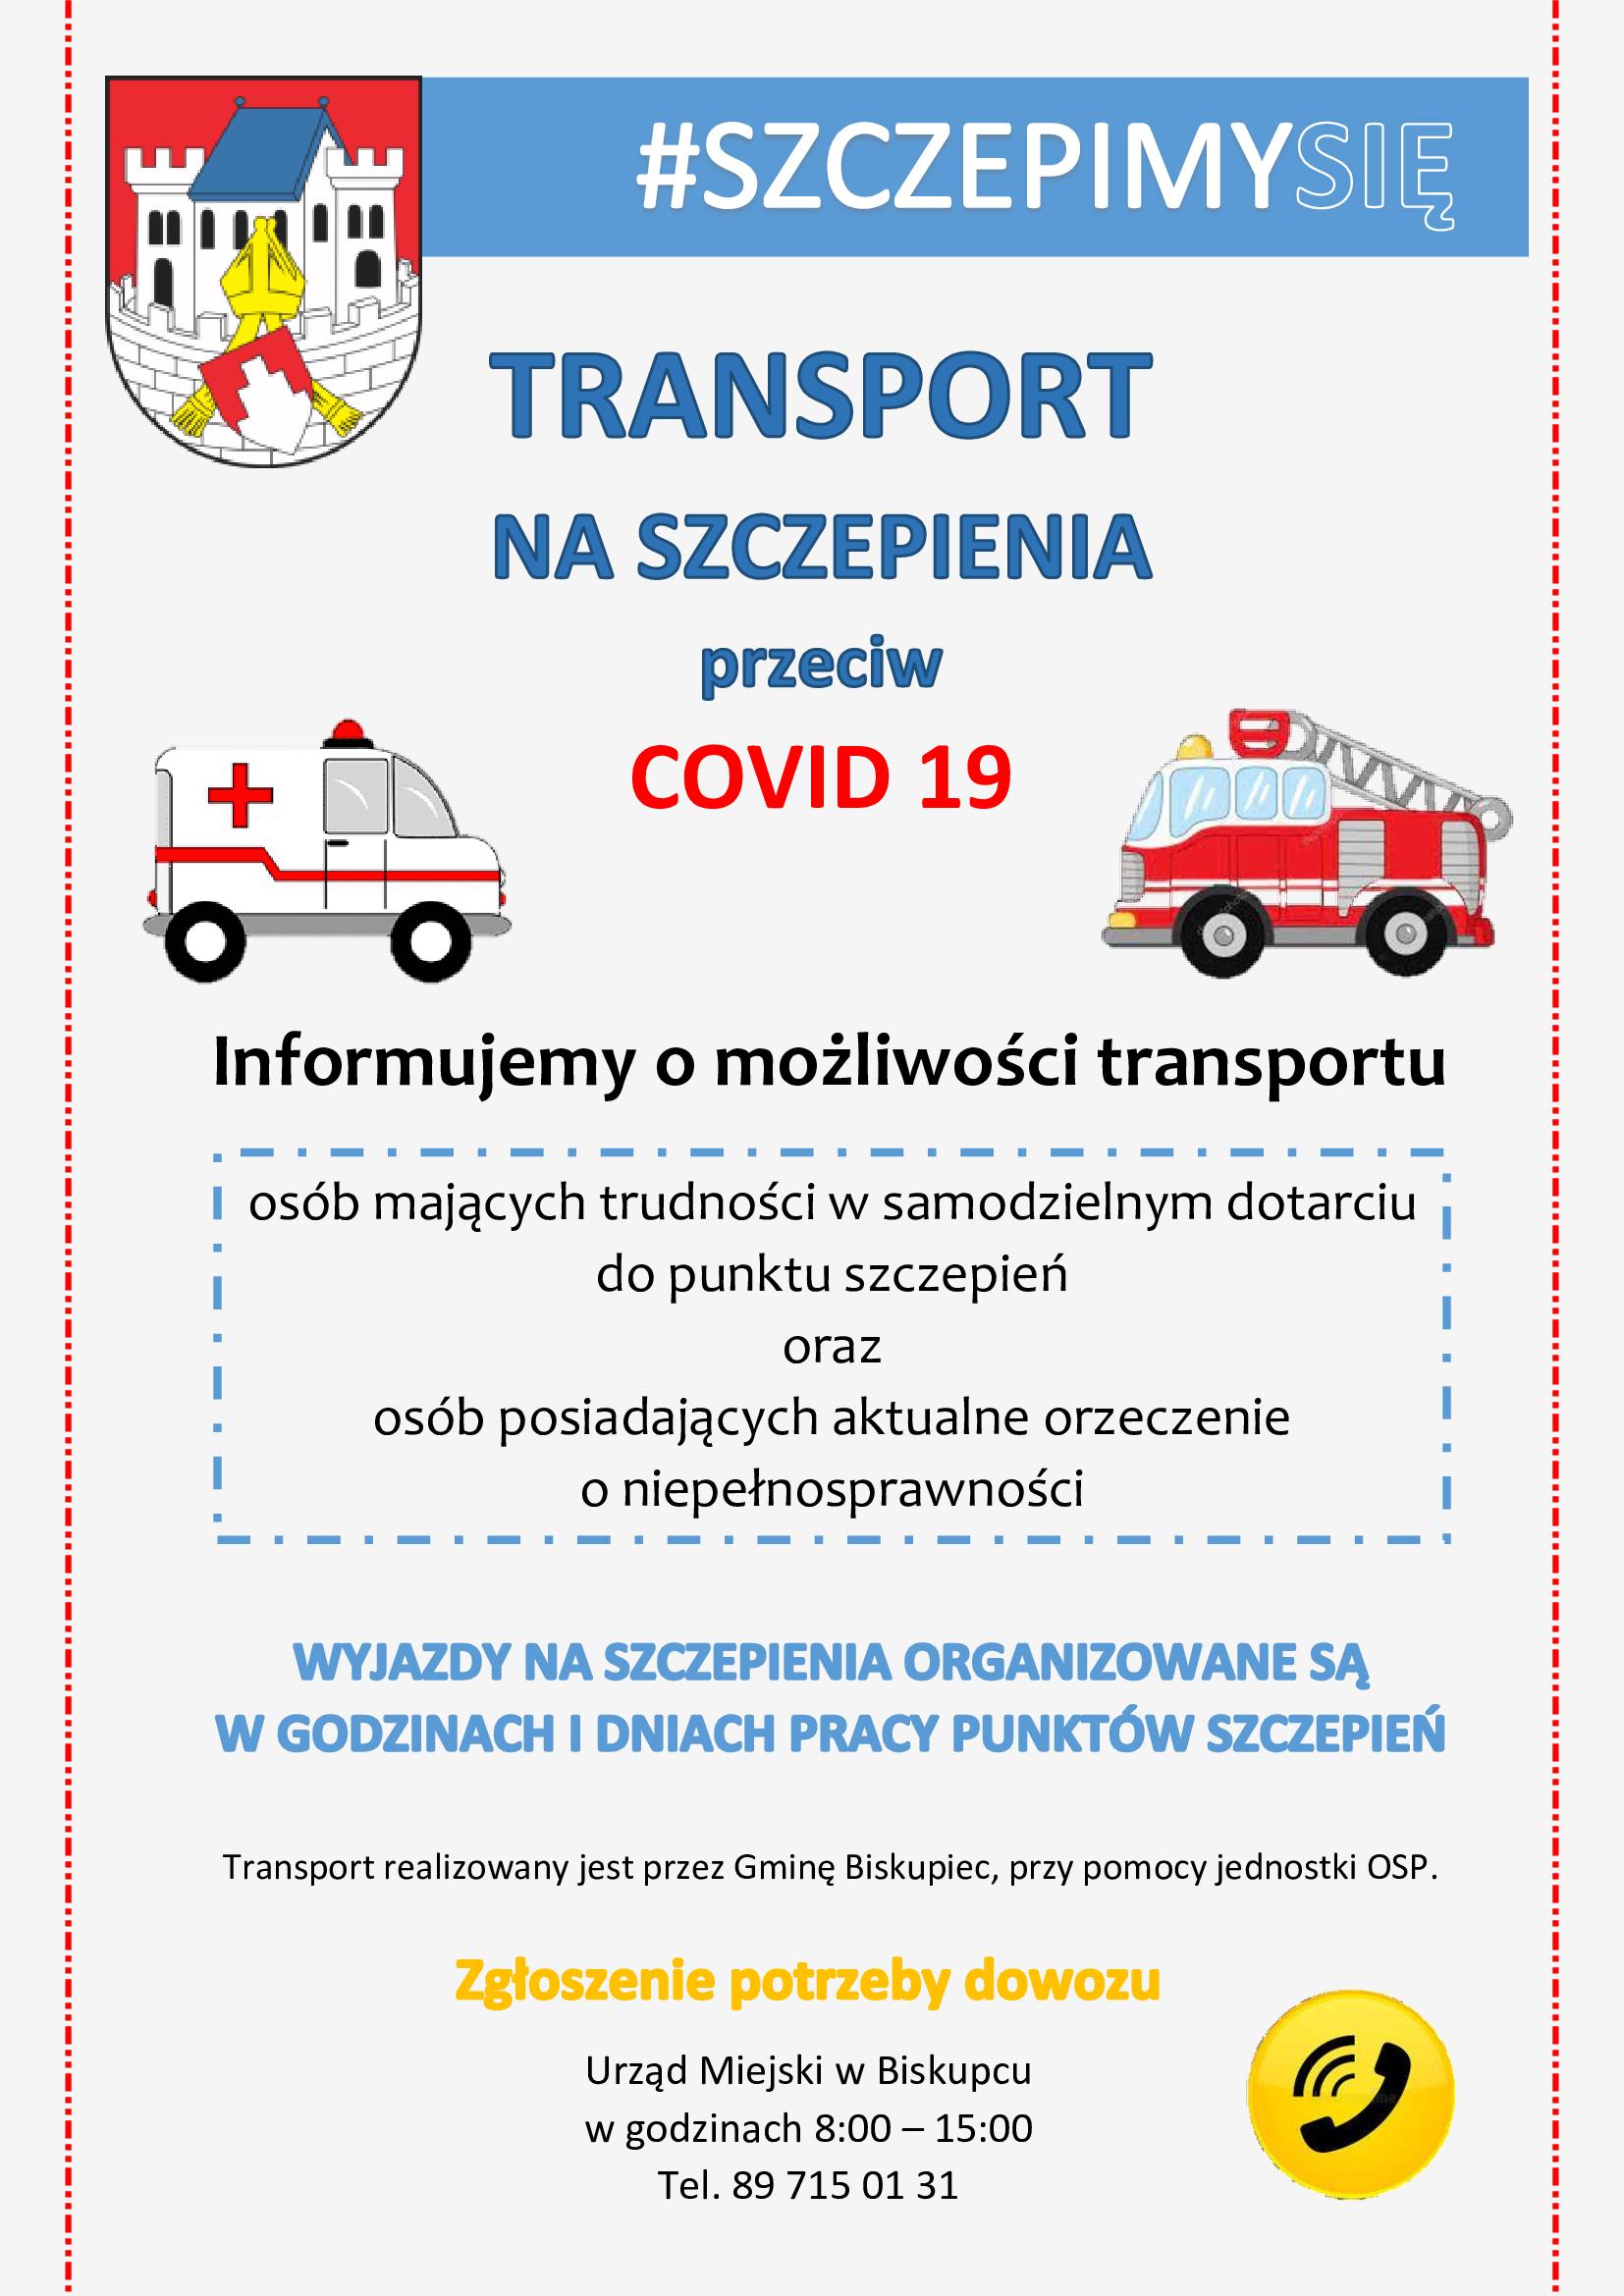 plakat szczepienia transport